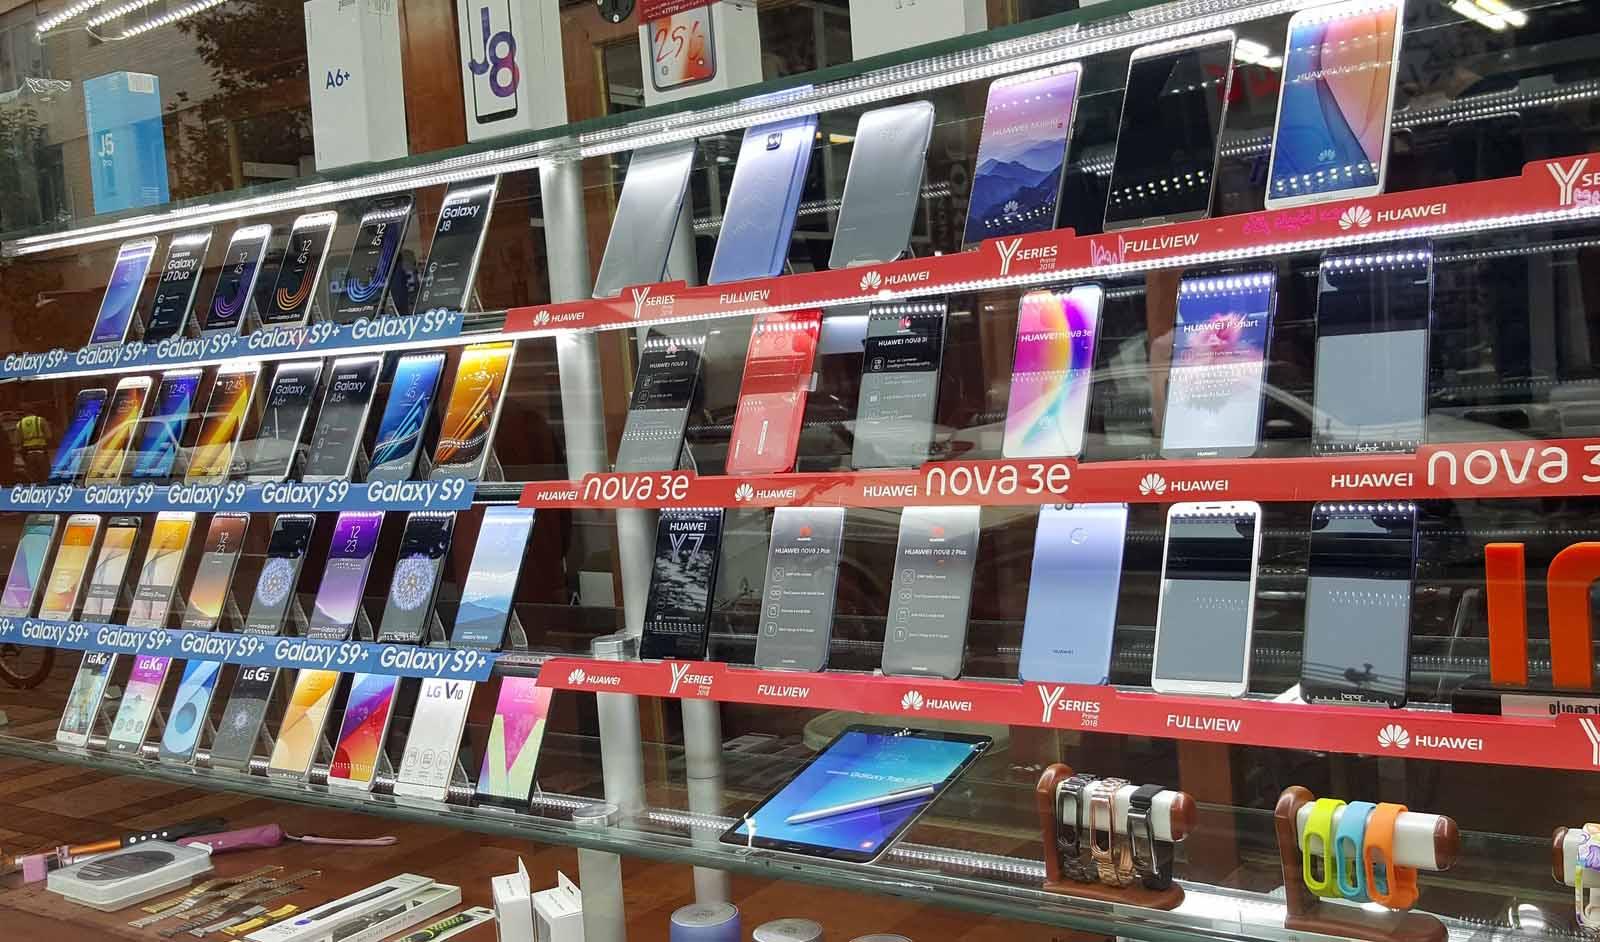 نوسانات بازار موبایل بالا گرفت/ افزایش قیمت تلفن های همراه برند اپل